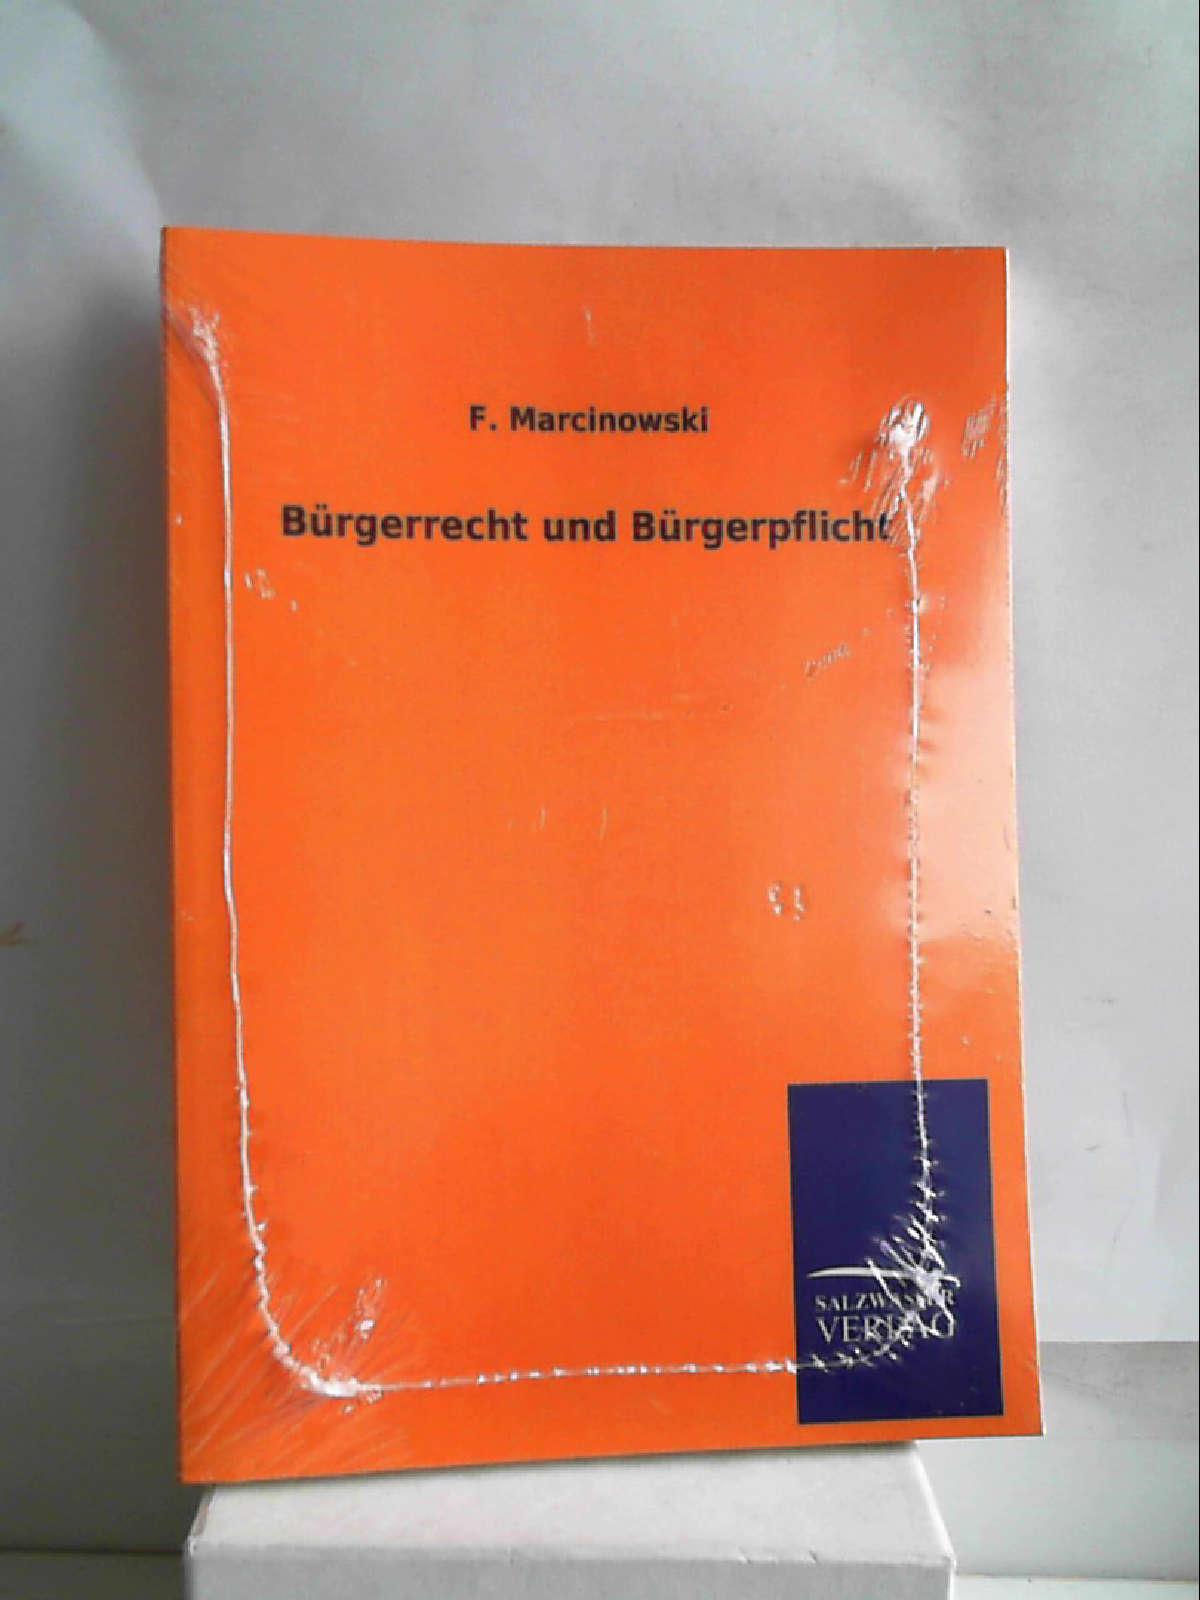 Bürgerrecht und Bürgerpflicht [Paperback] [Aug 15, 2013] Marcinowski, F. - F. Marcinowski